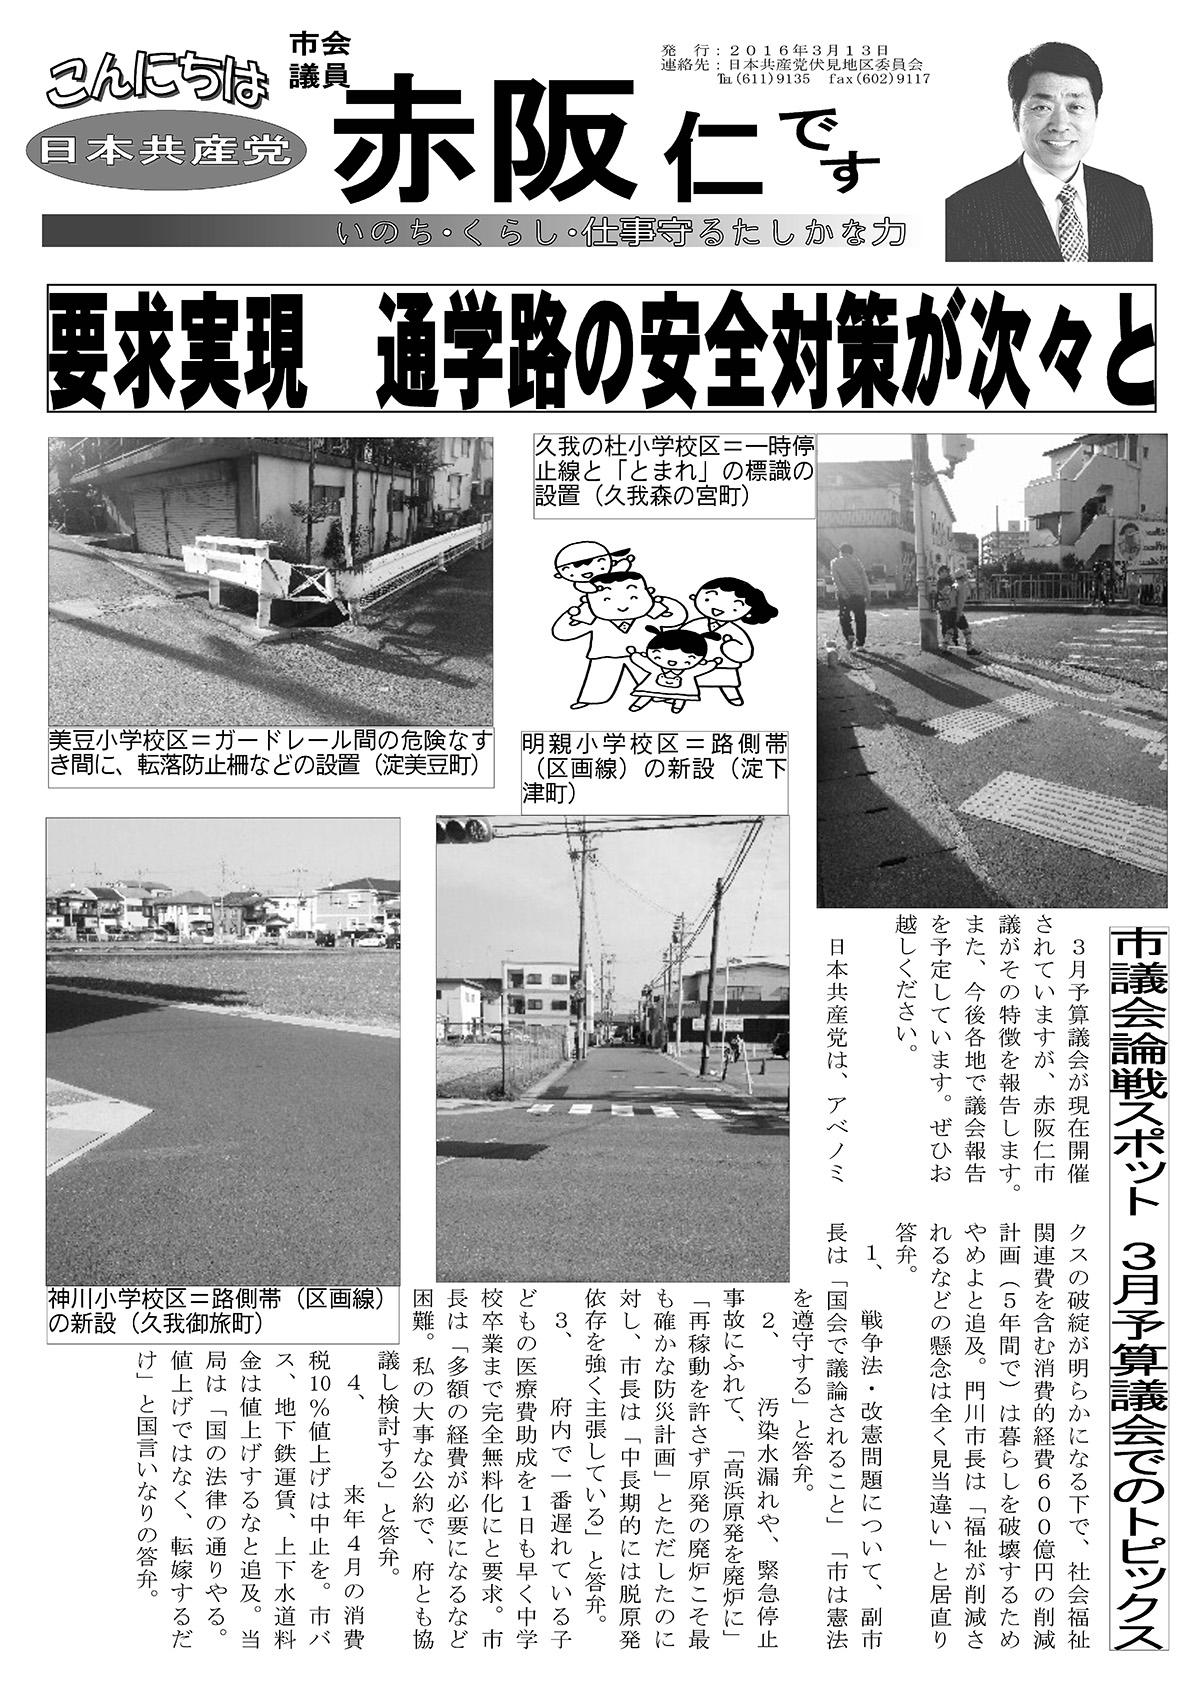 赤阪こんにちは16_03_13